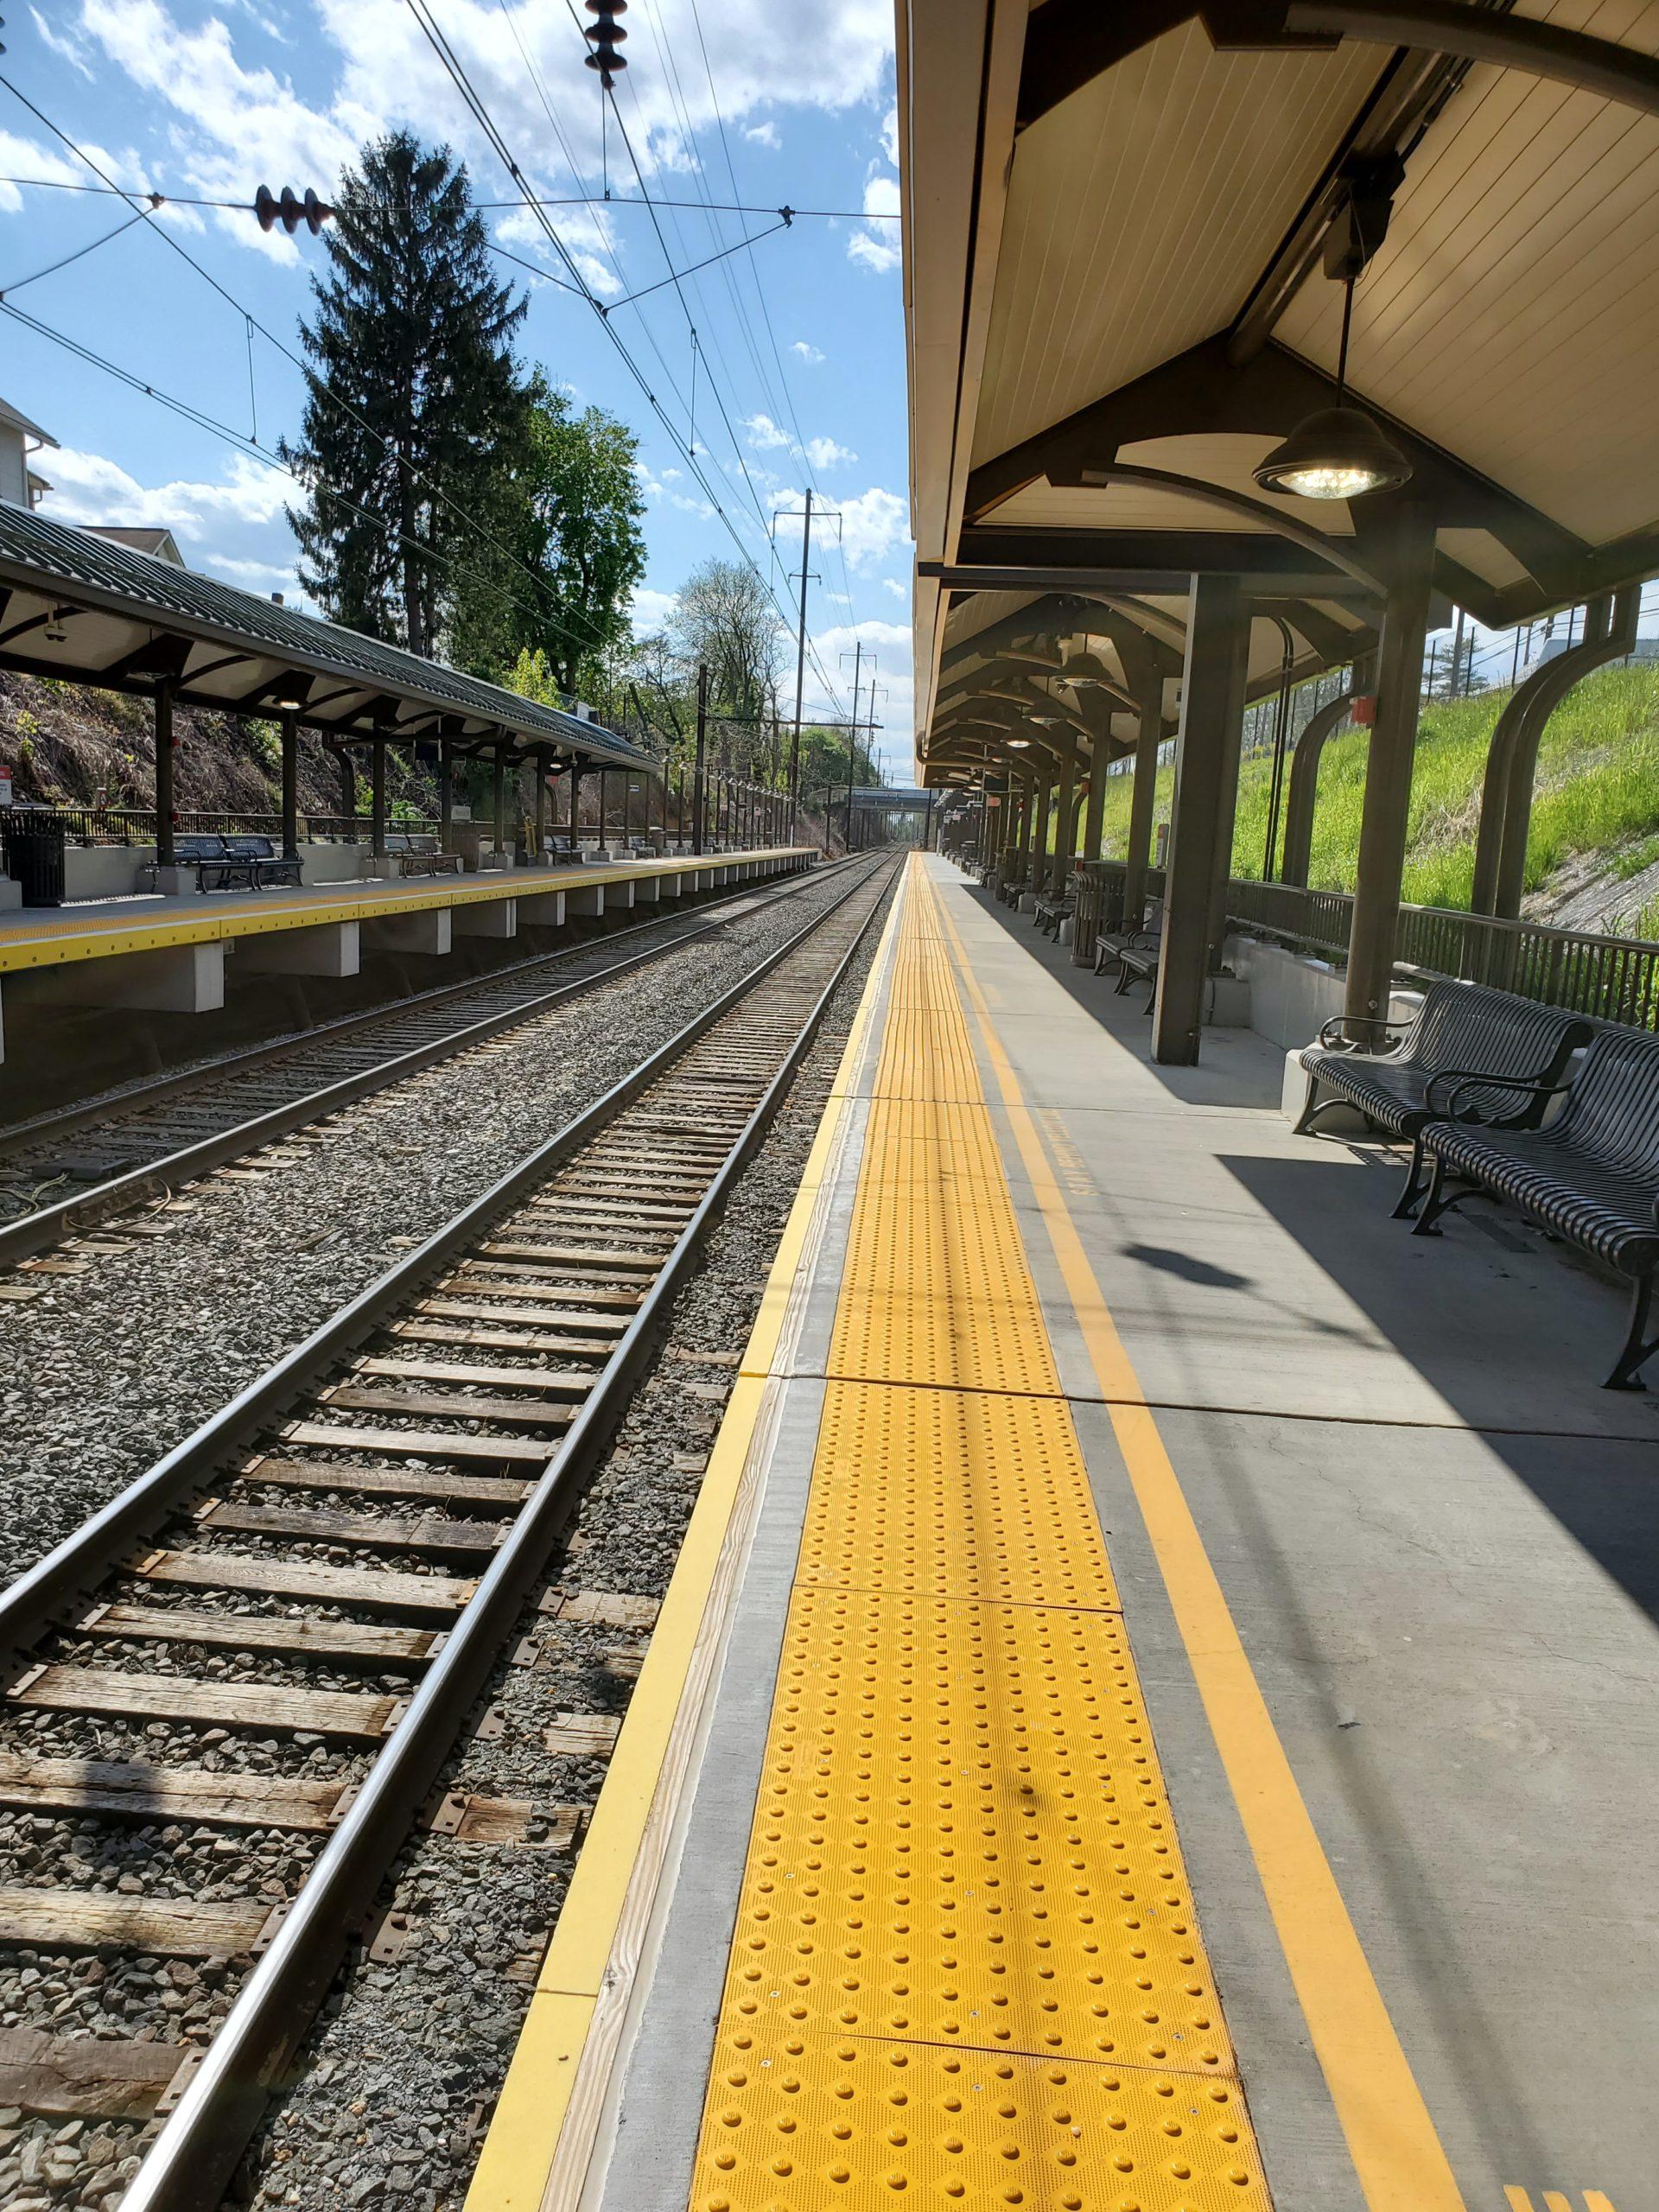 Boarding Platform